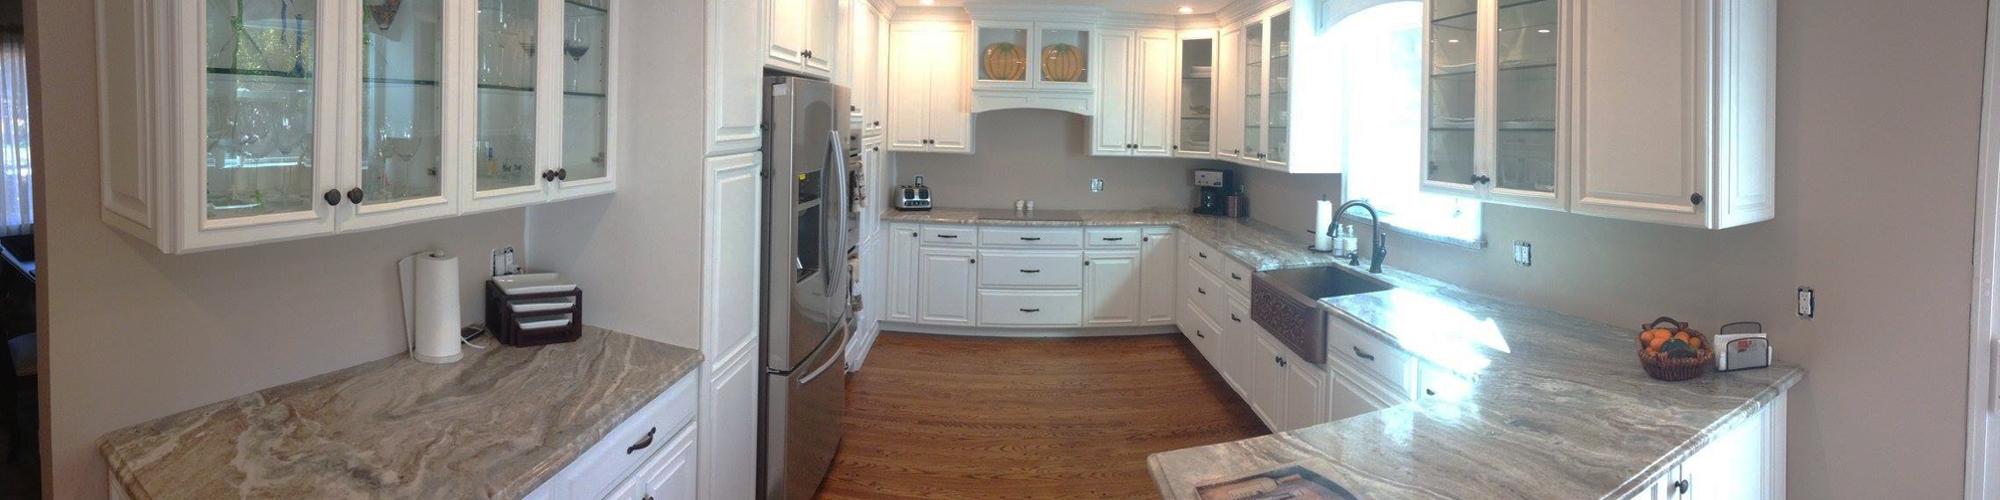 Kitchen Renovation   Long Island, NY